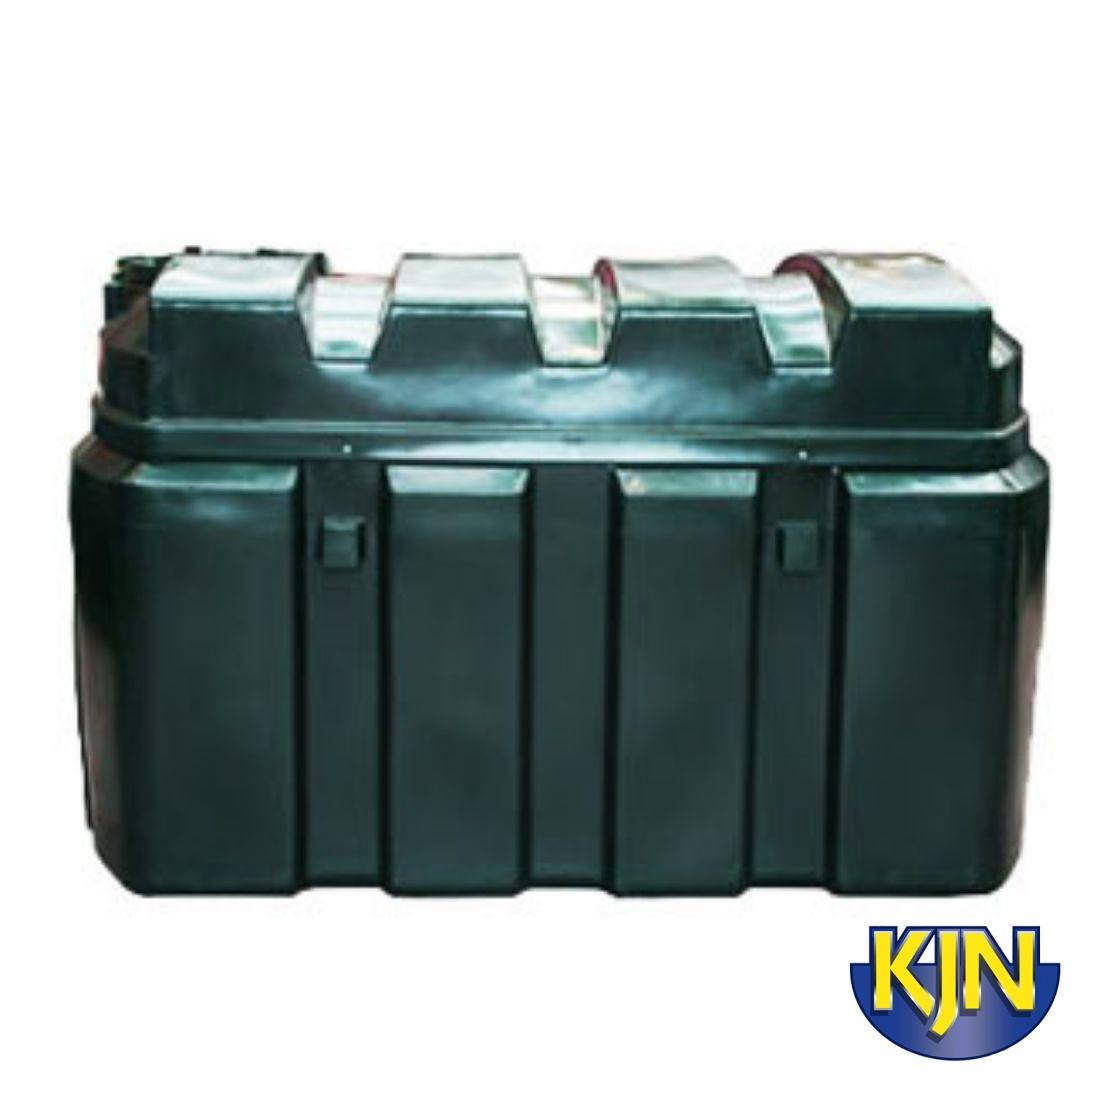 Titan Ecosafe Bunded Oil Tank 2500 Litre Bottom Or Top Outlet